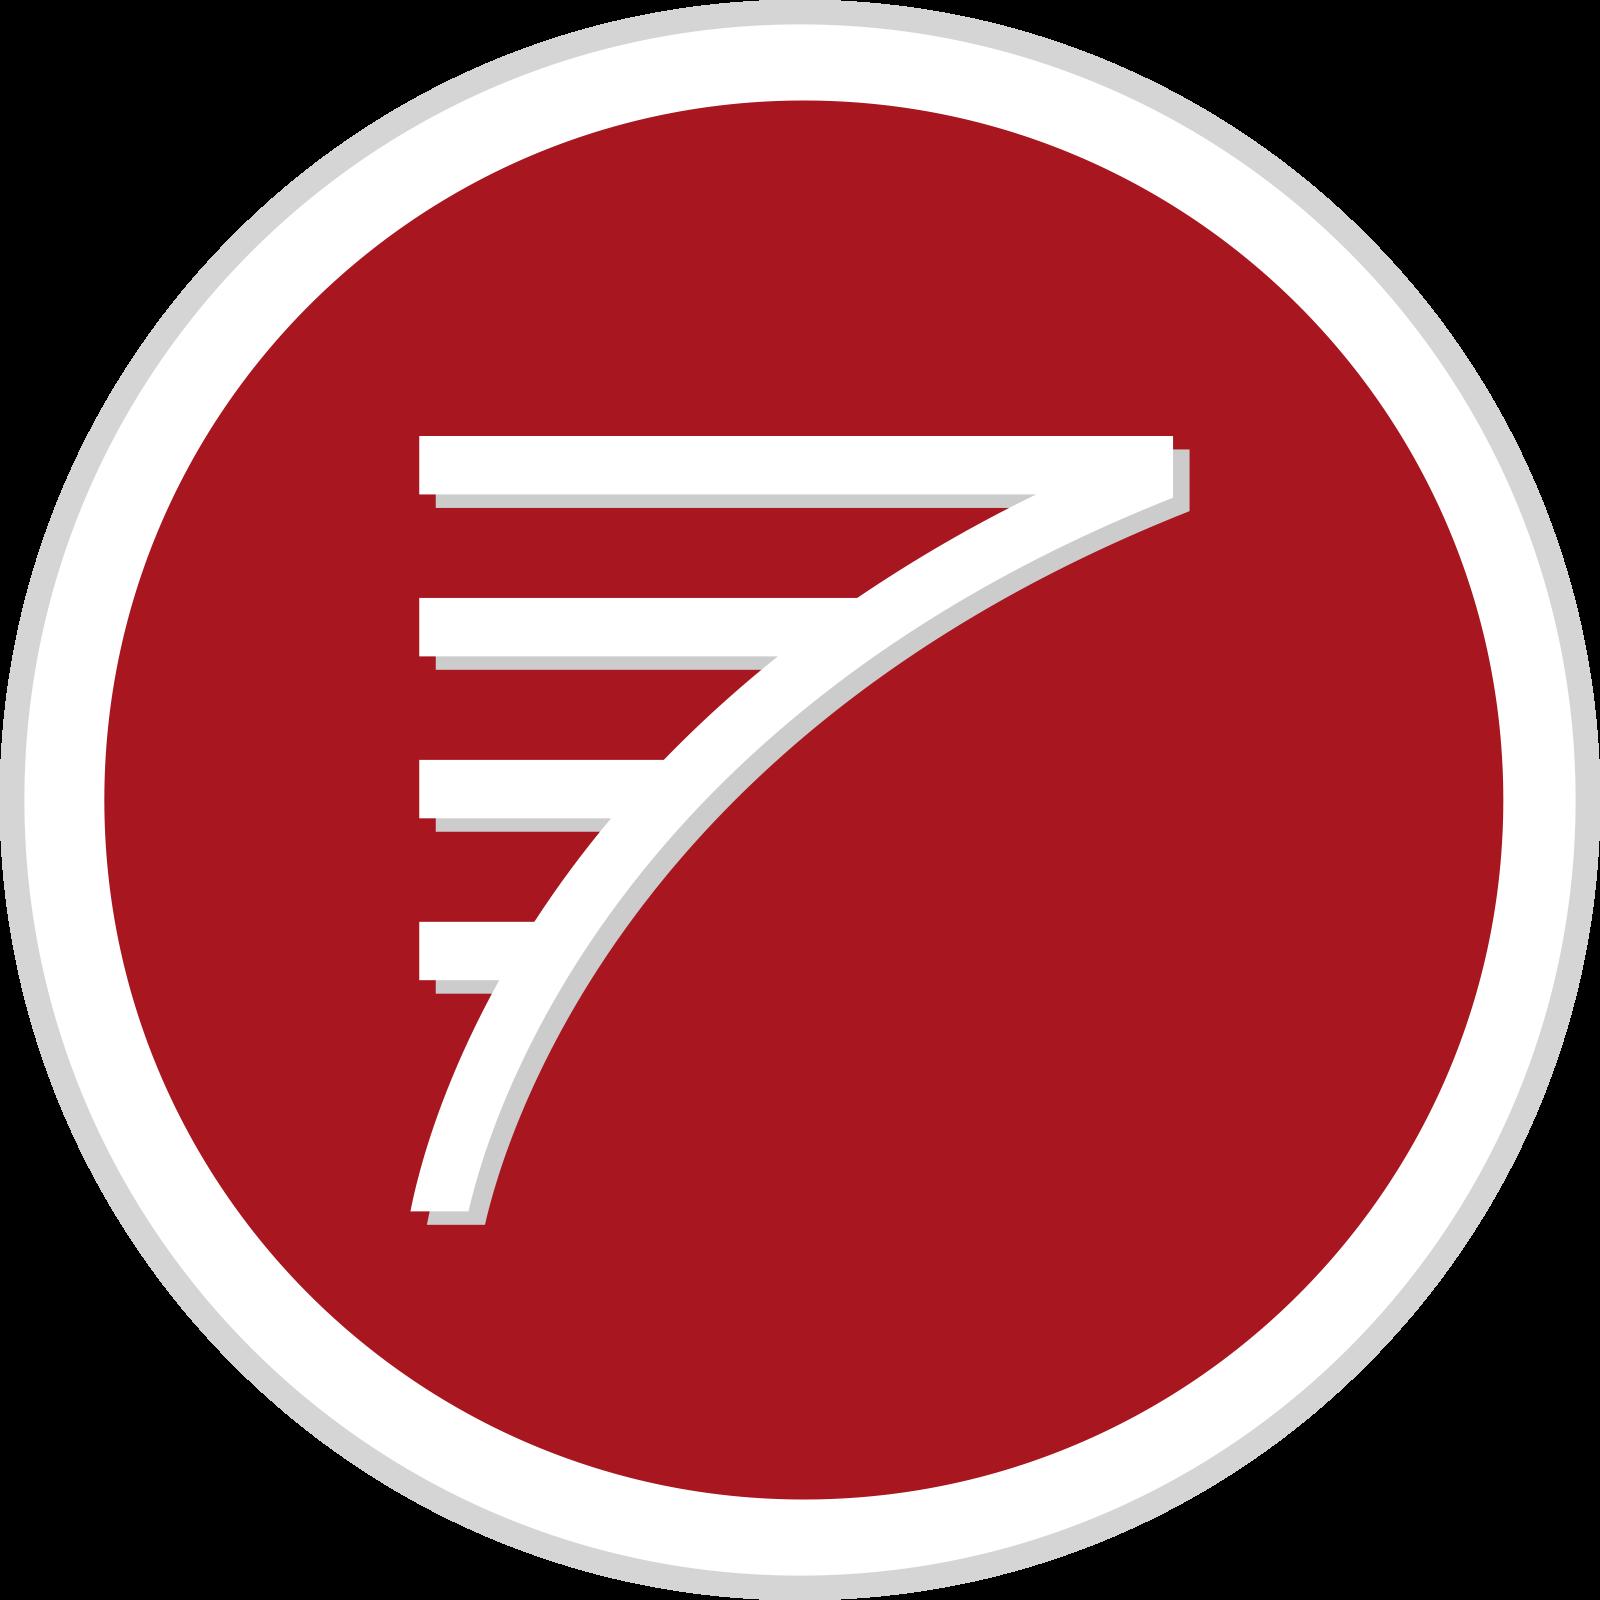 Yieldbroker logo